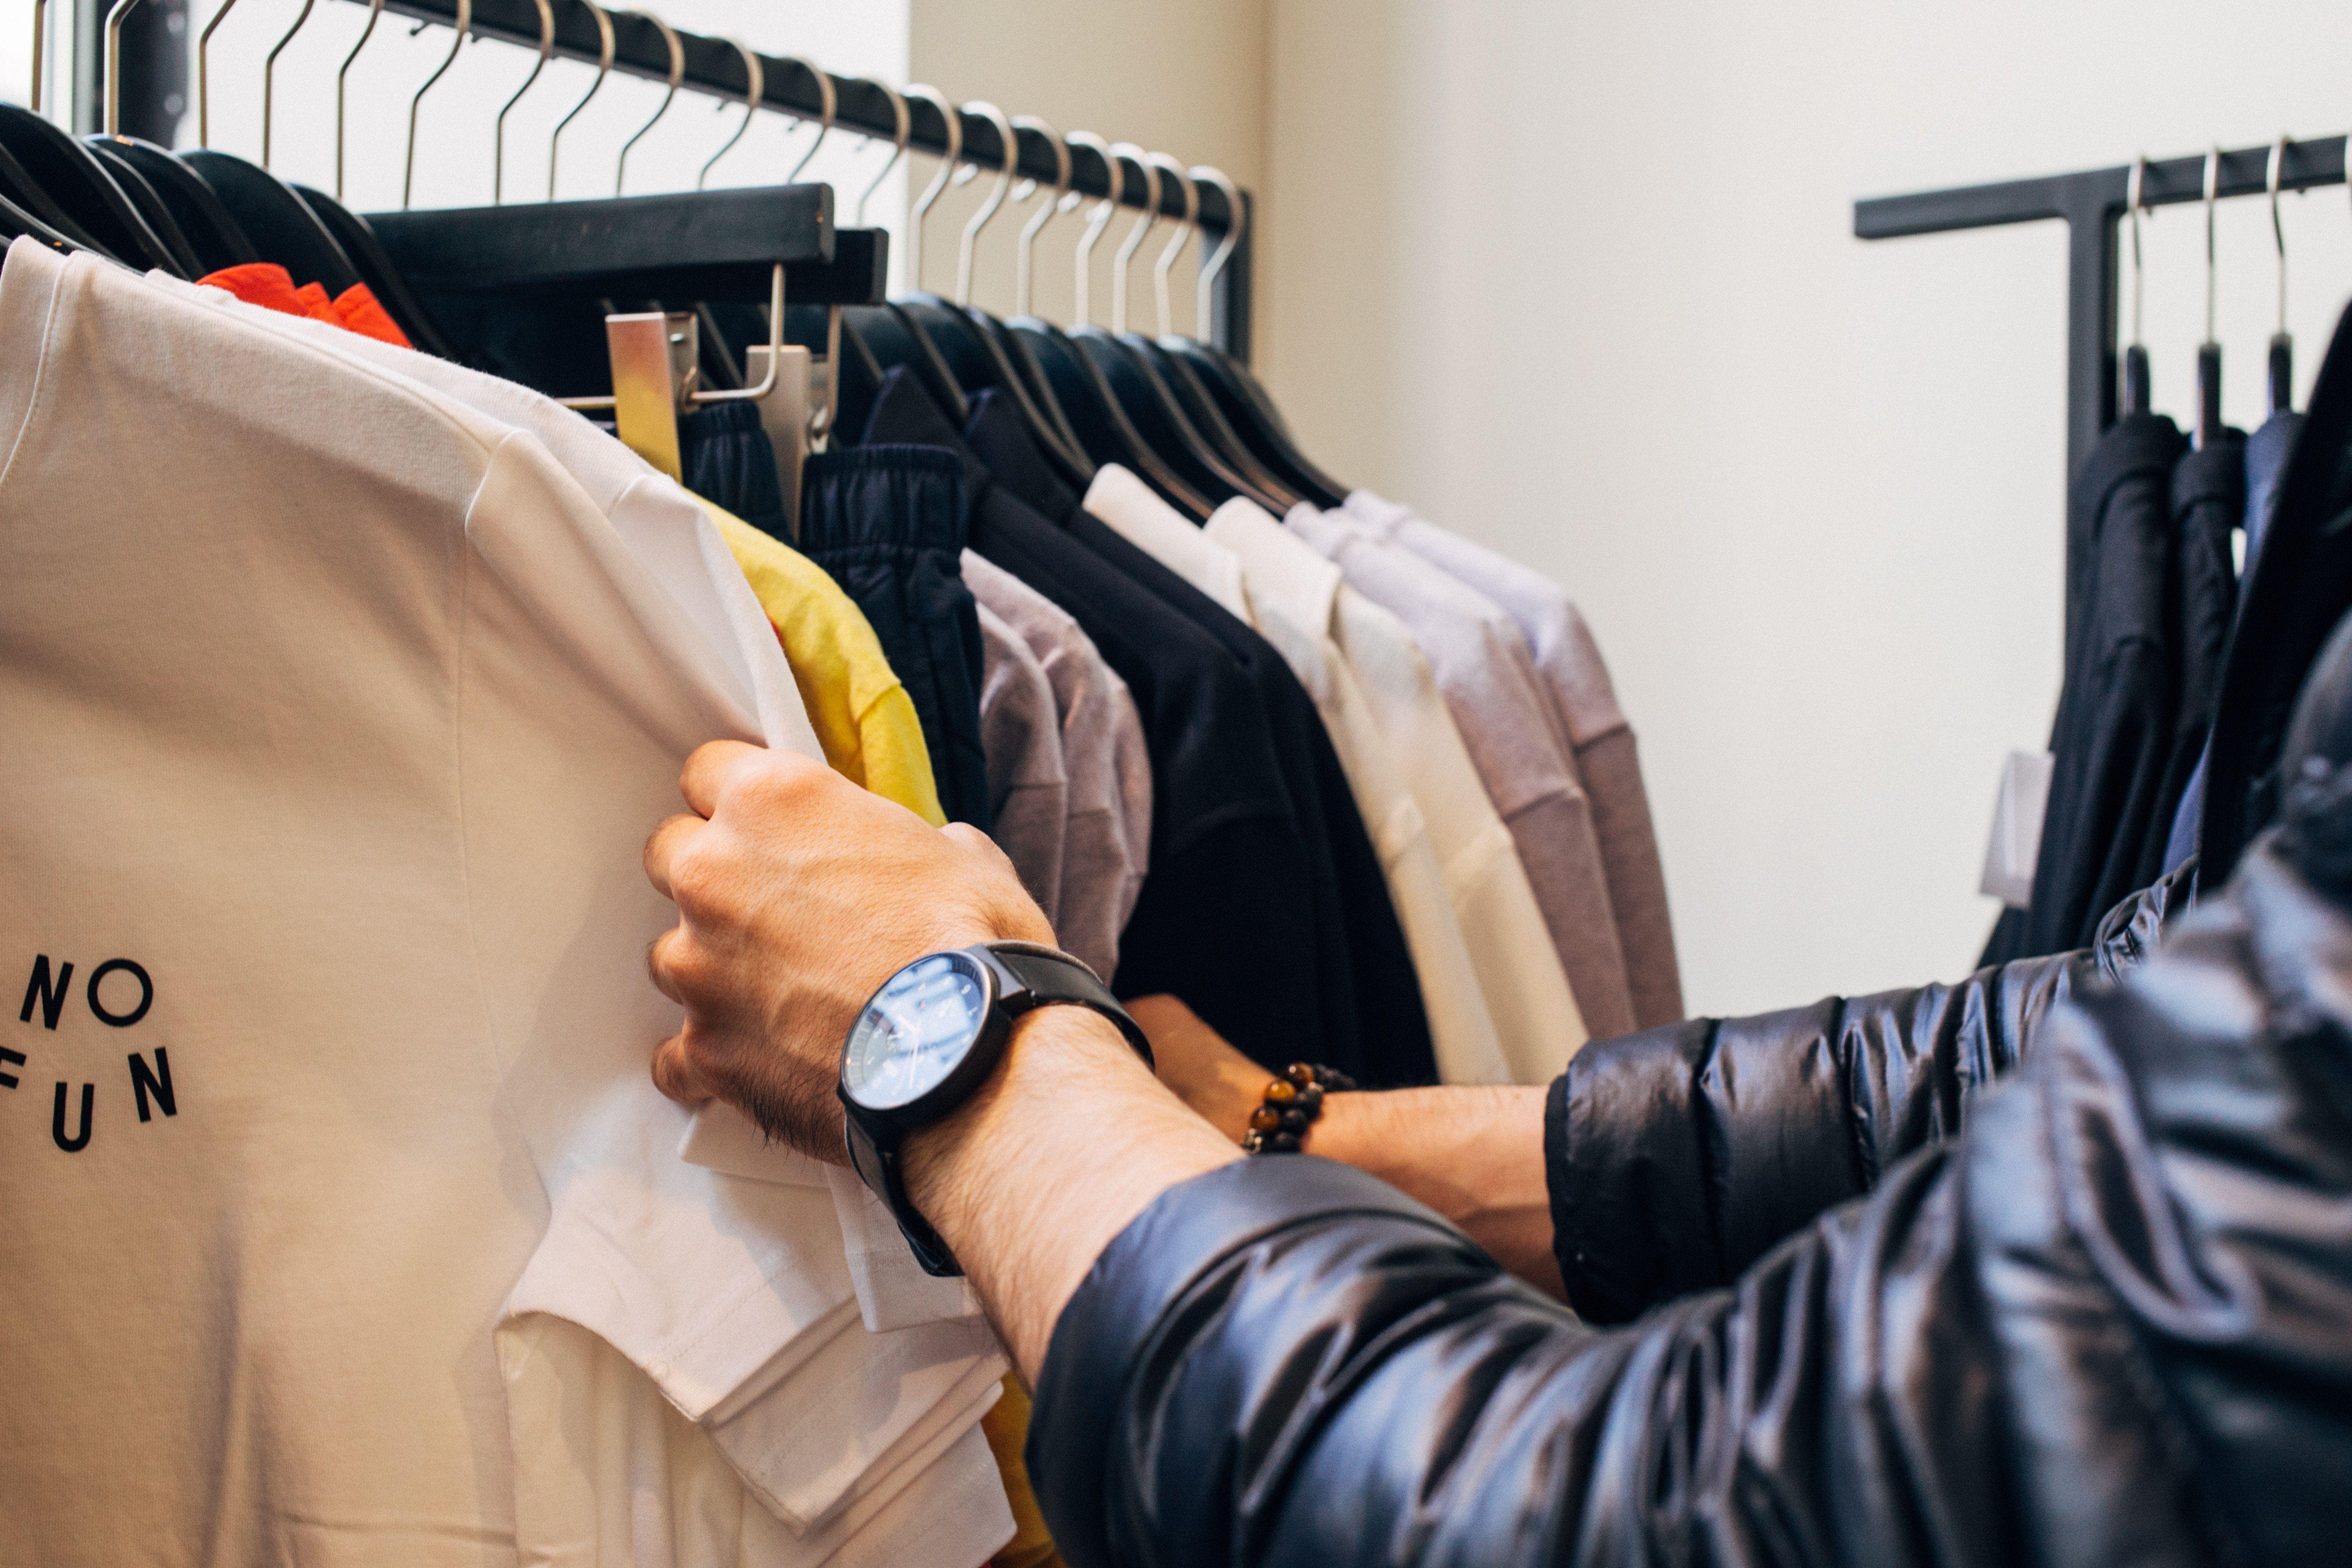 Shopping through a clothing rail